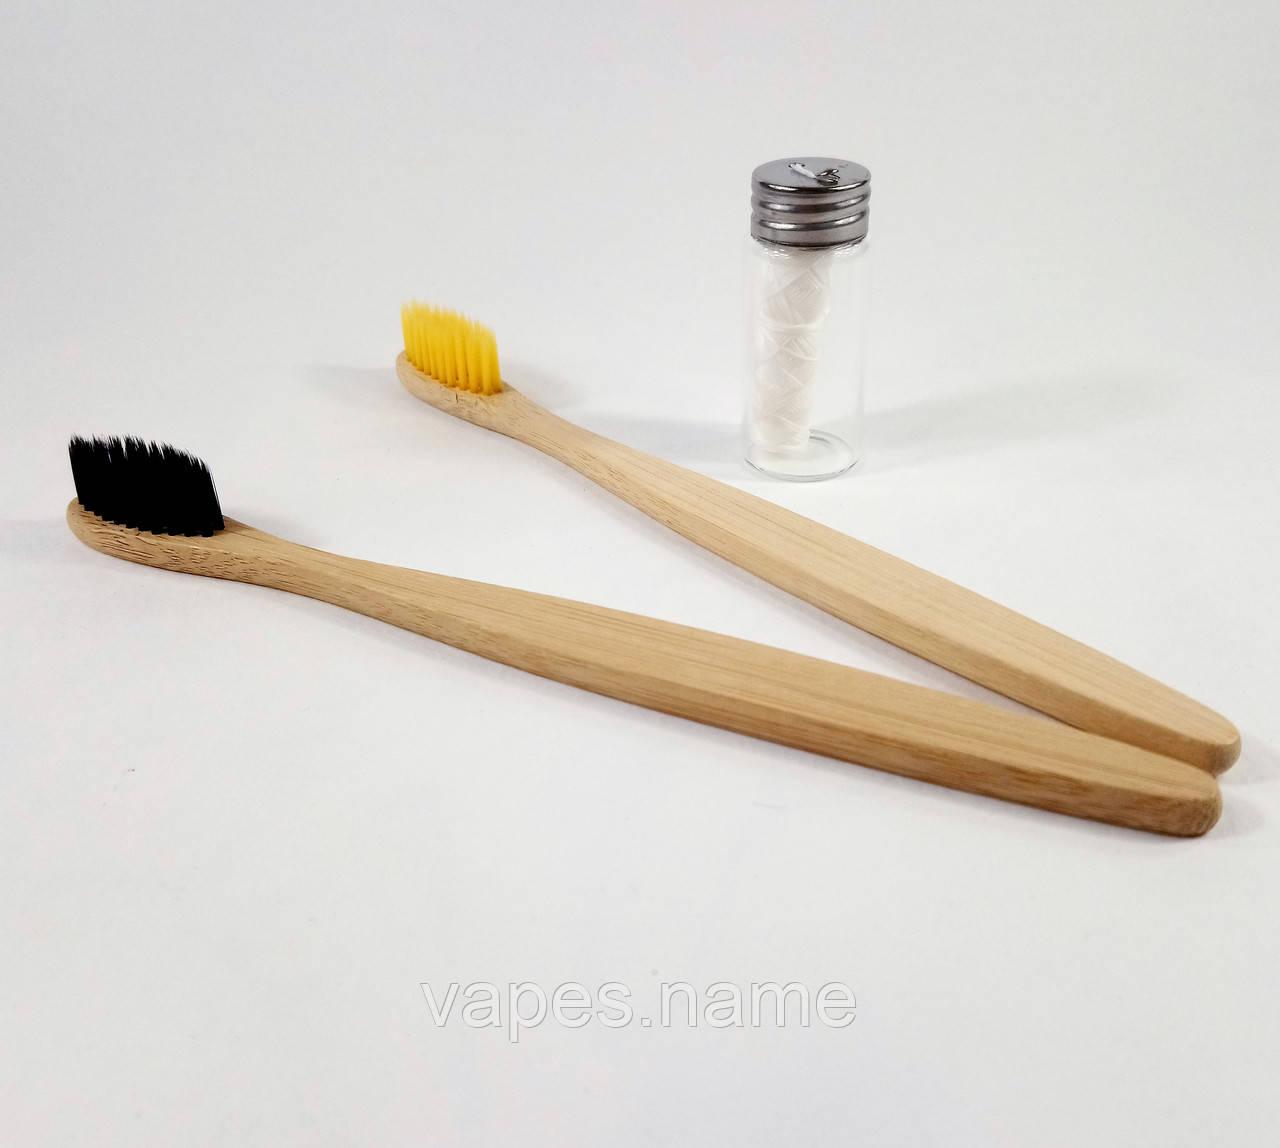 """Набор для гигиены полости рта """"Бамбуковая зубная щетка (2шт) + зубная нить (30м)"""